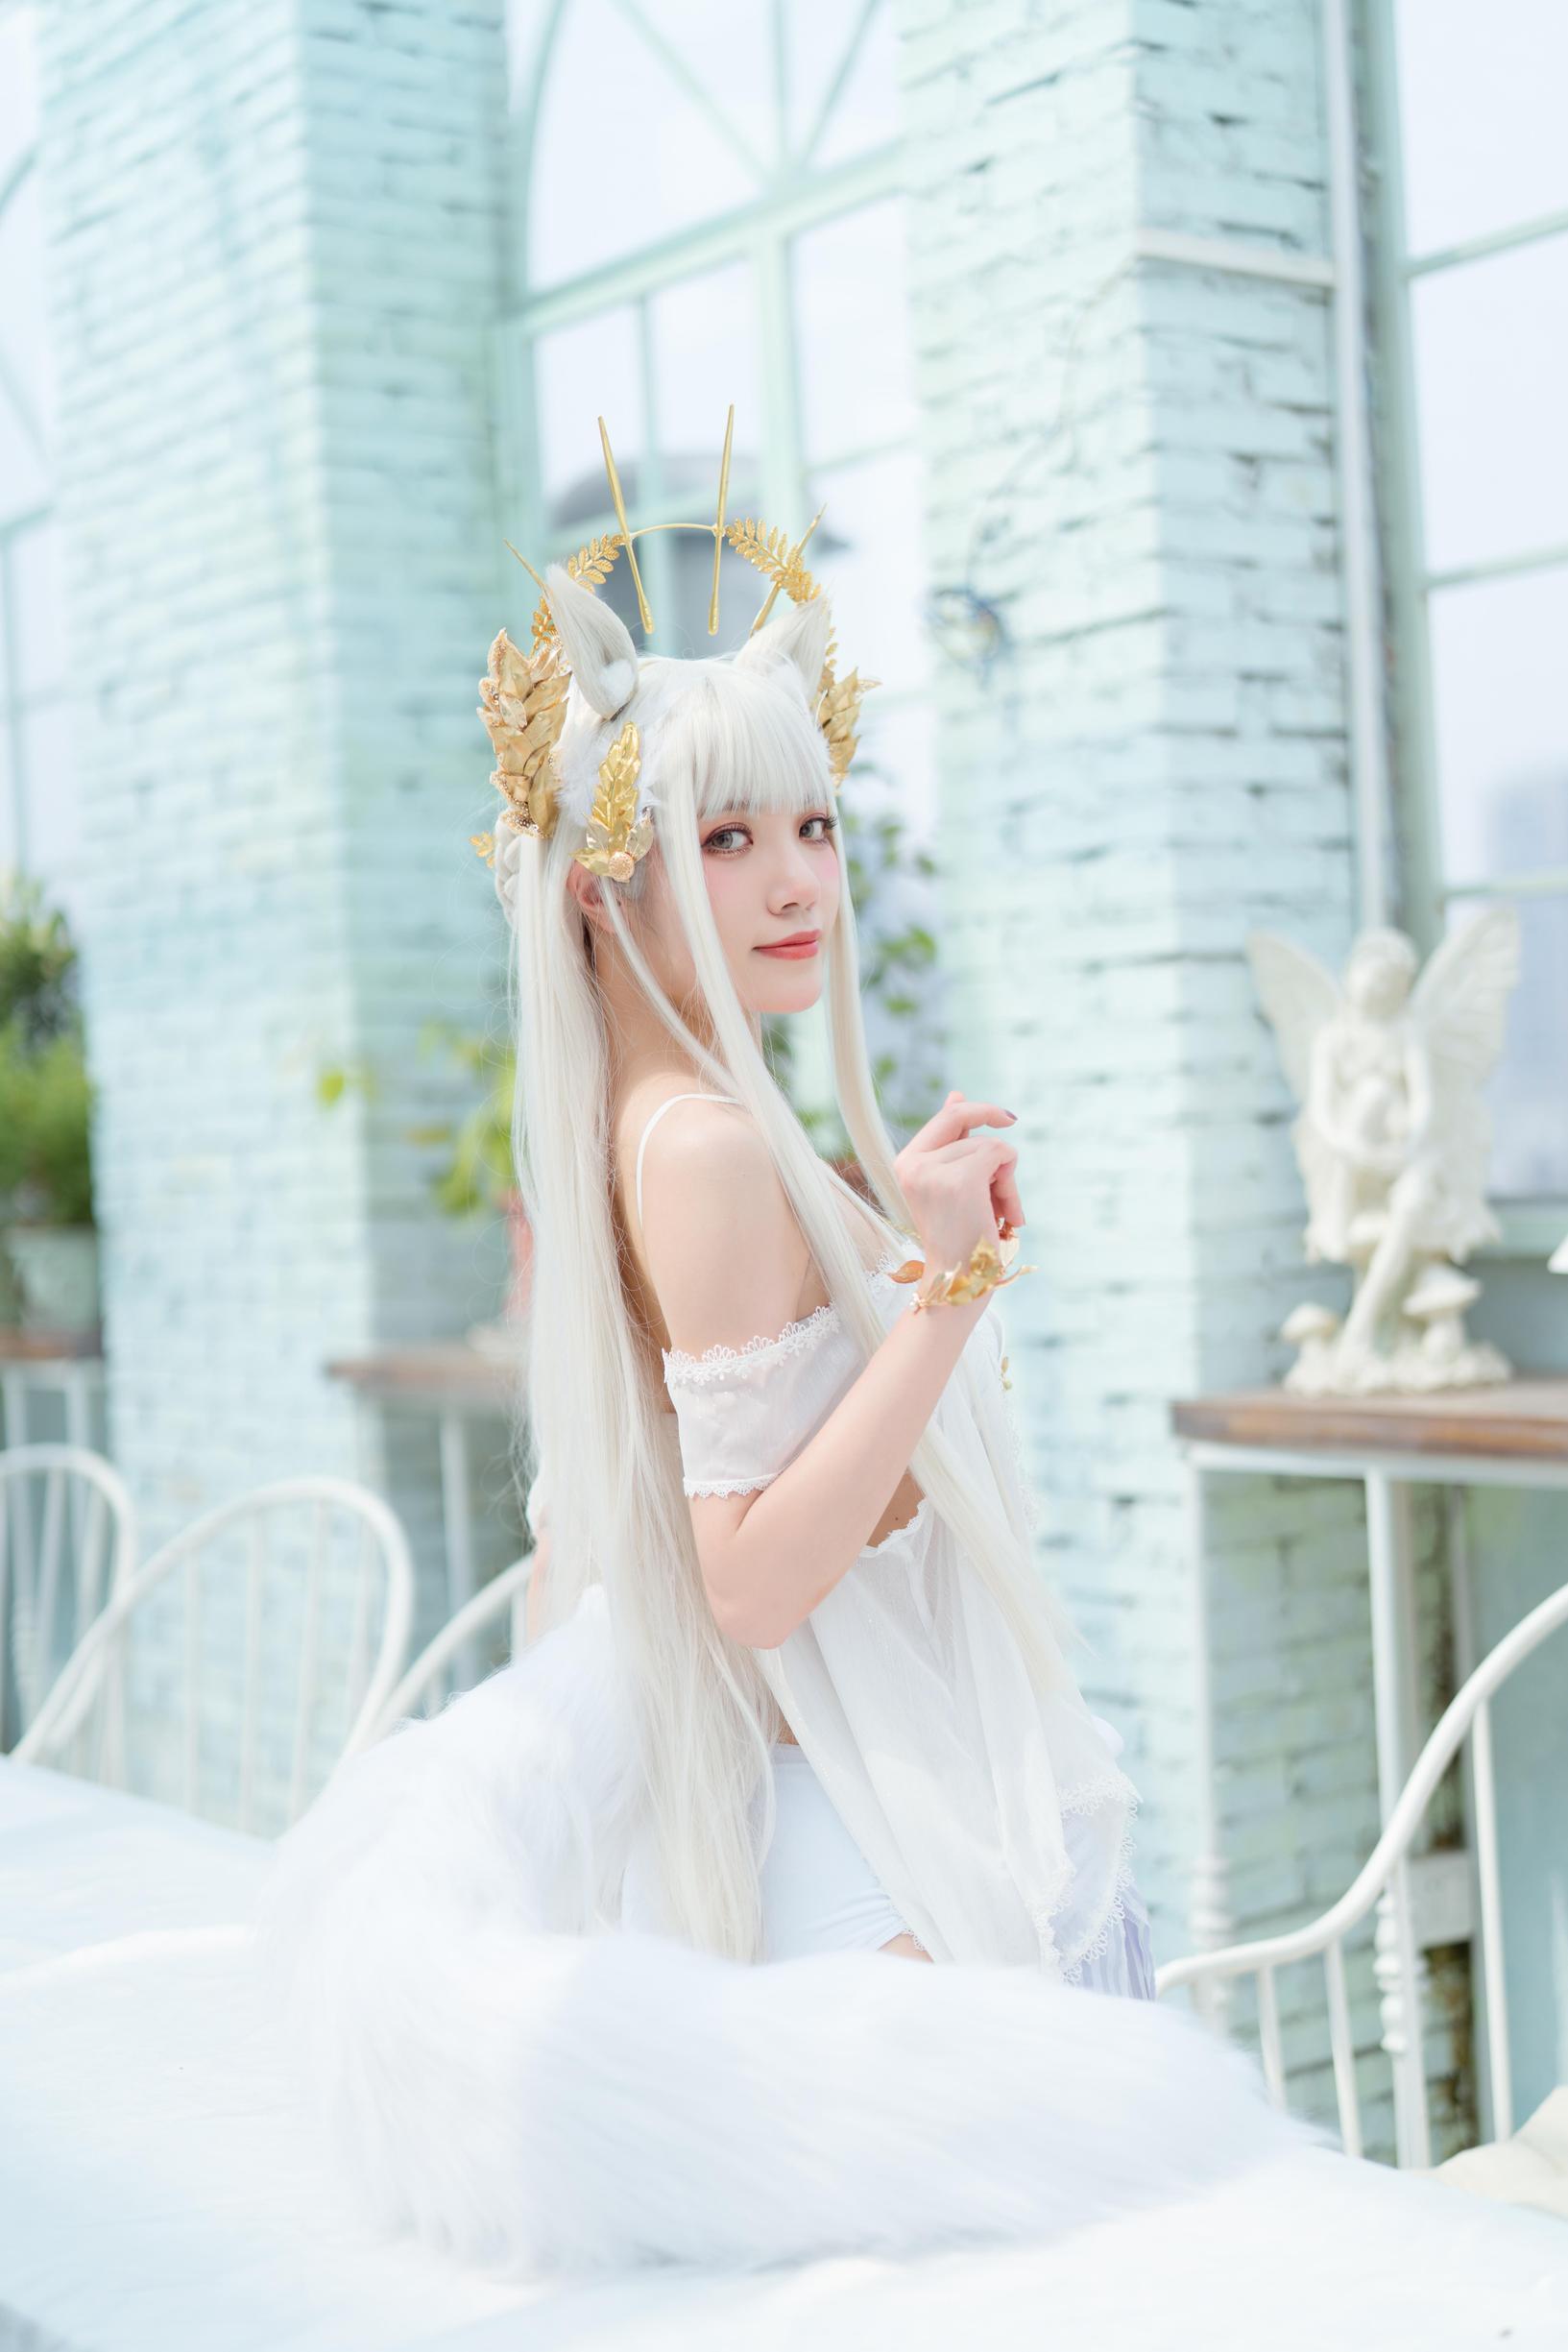 《明日方舟》战士cosplay【CN:weisa】-第5张